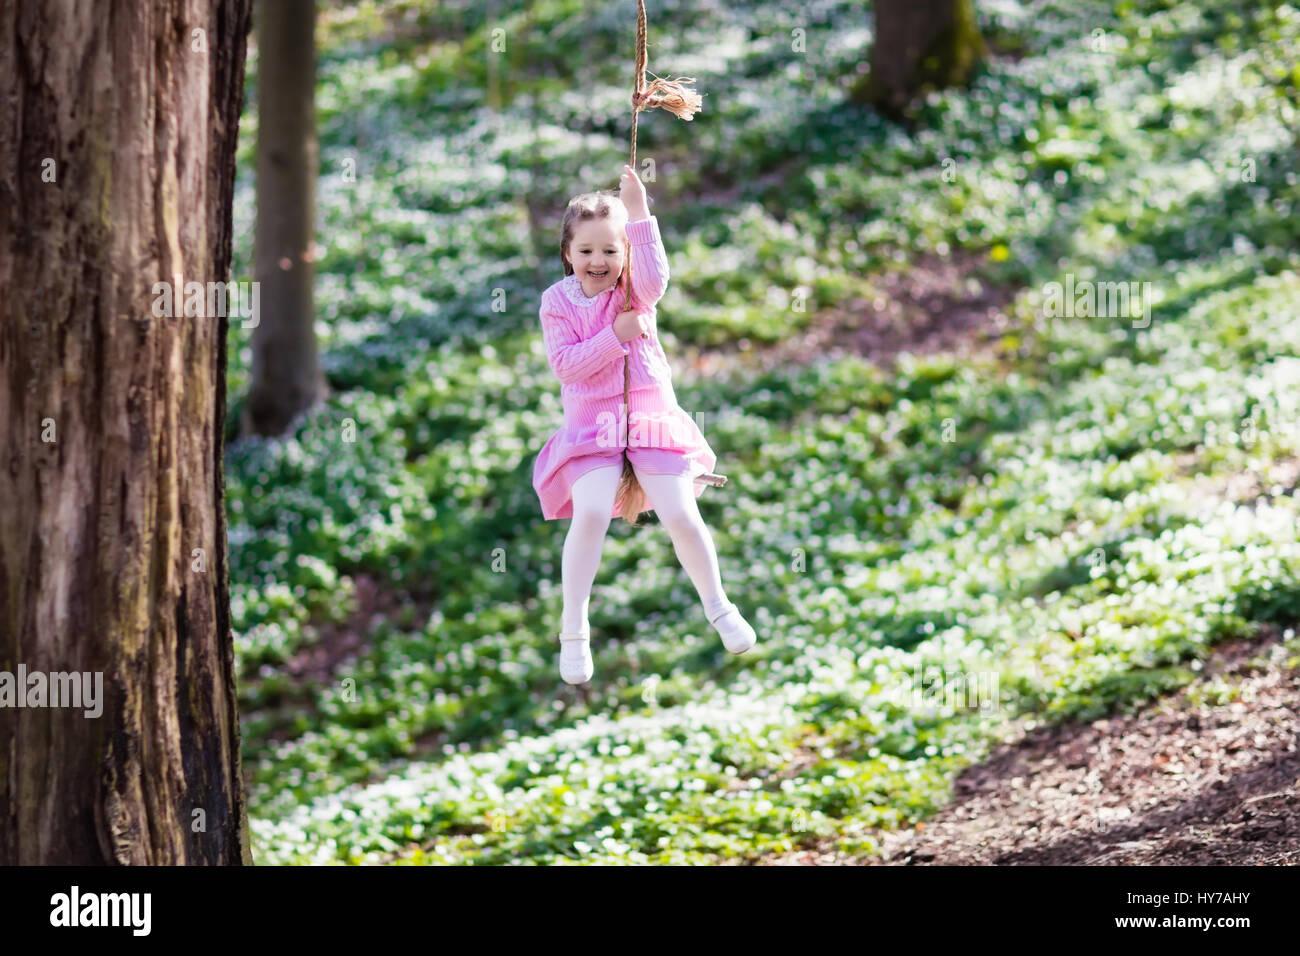 Bekannt Niedliche kleine Mädchen im rosa Kleid auf Baum Seil Schaukel in LU16